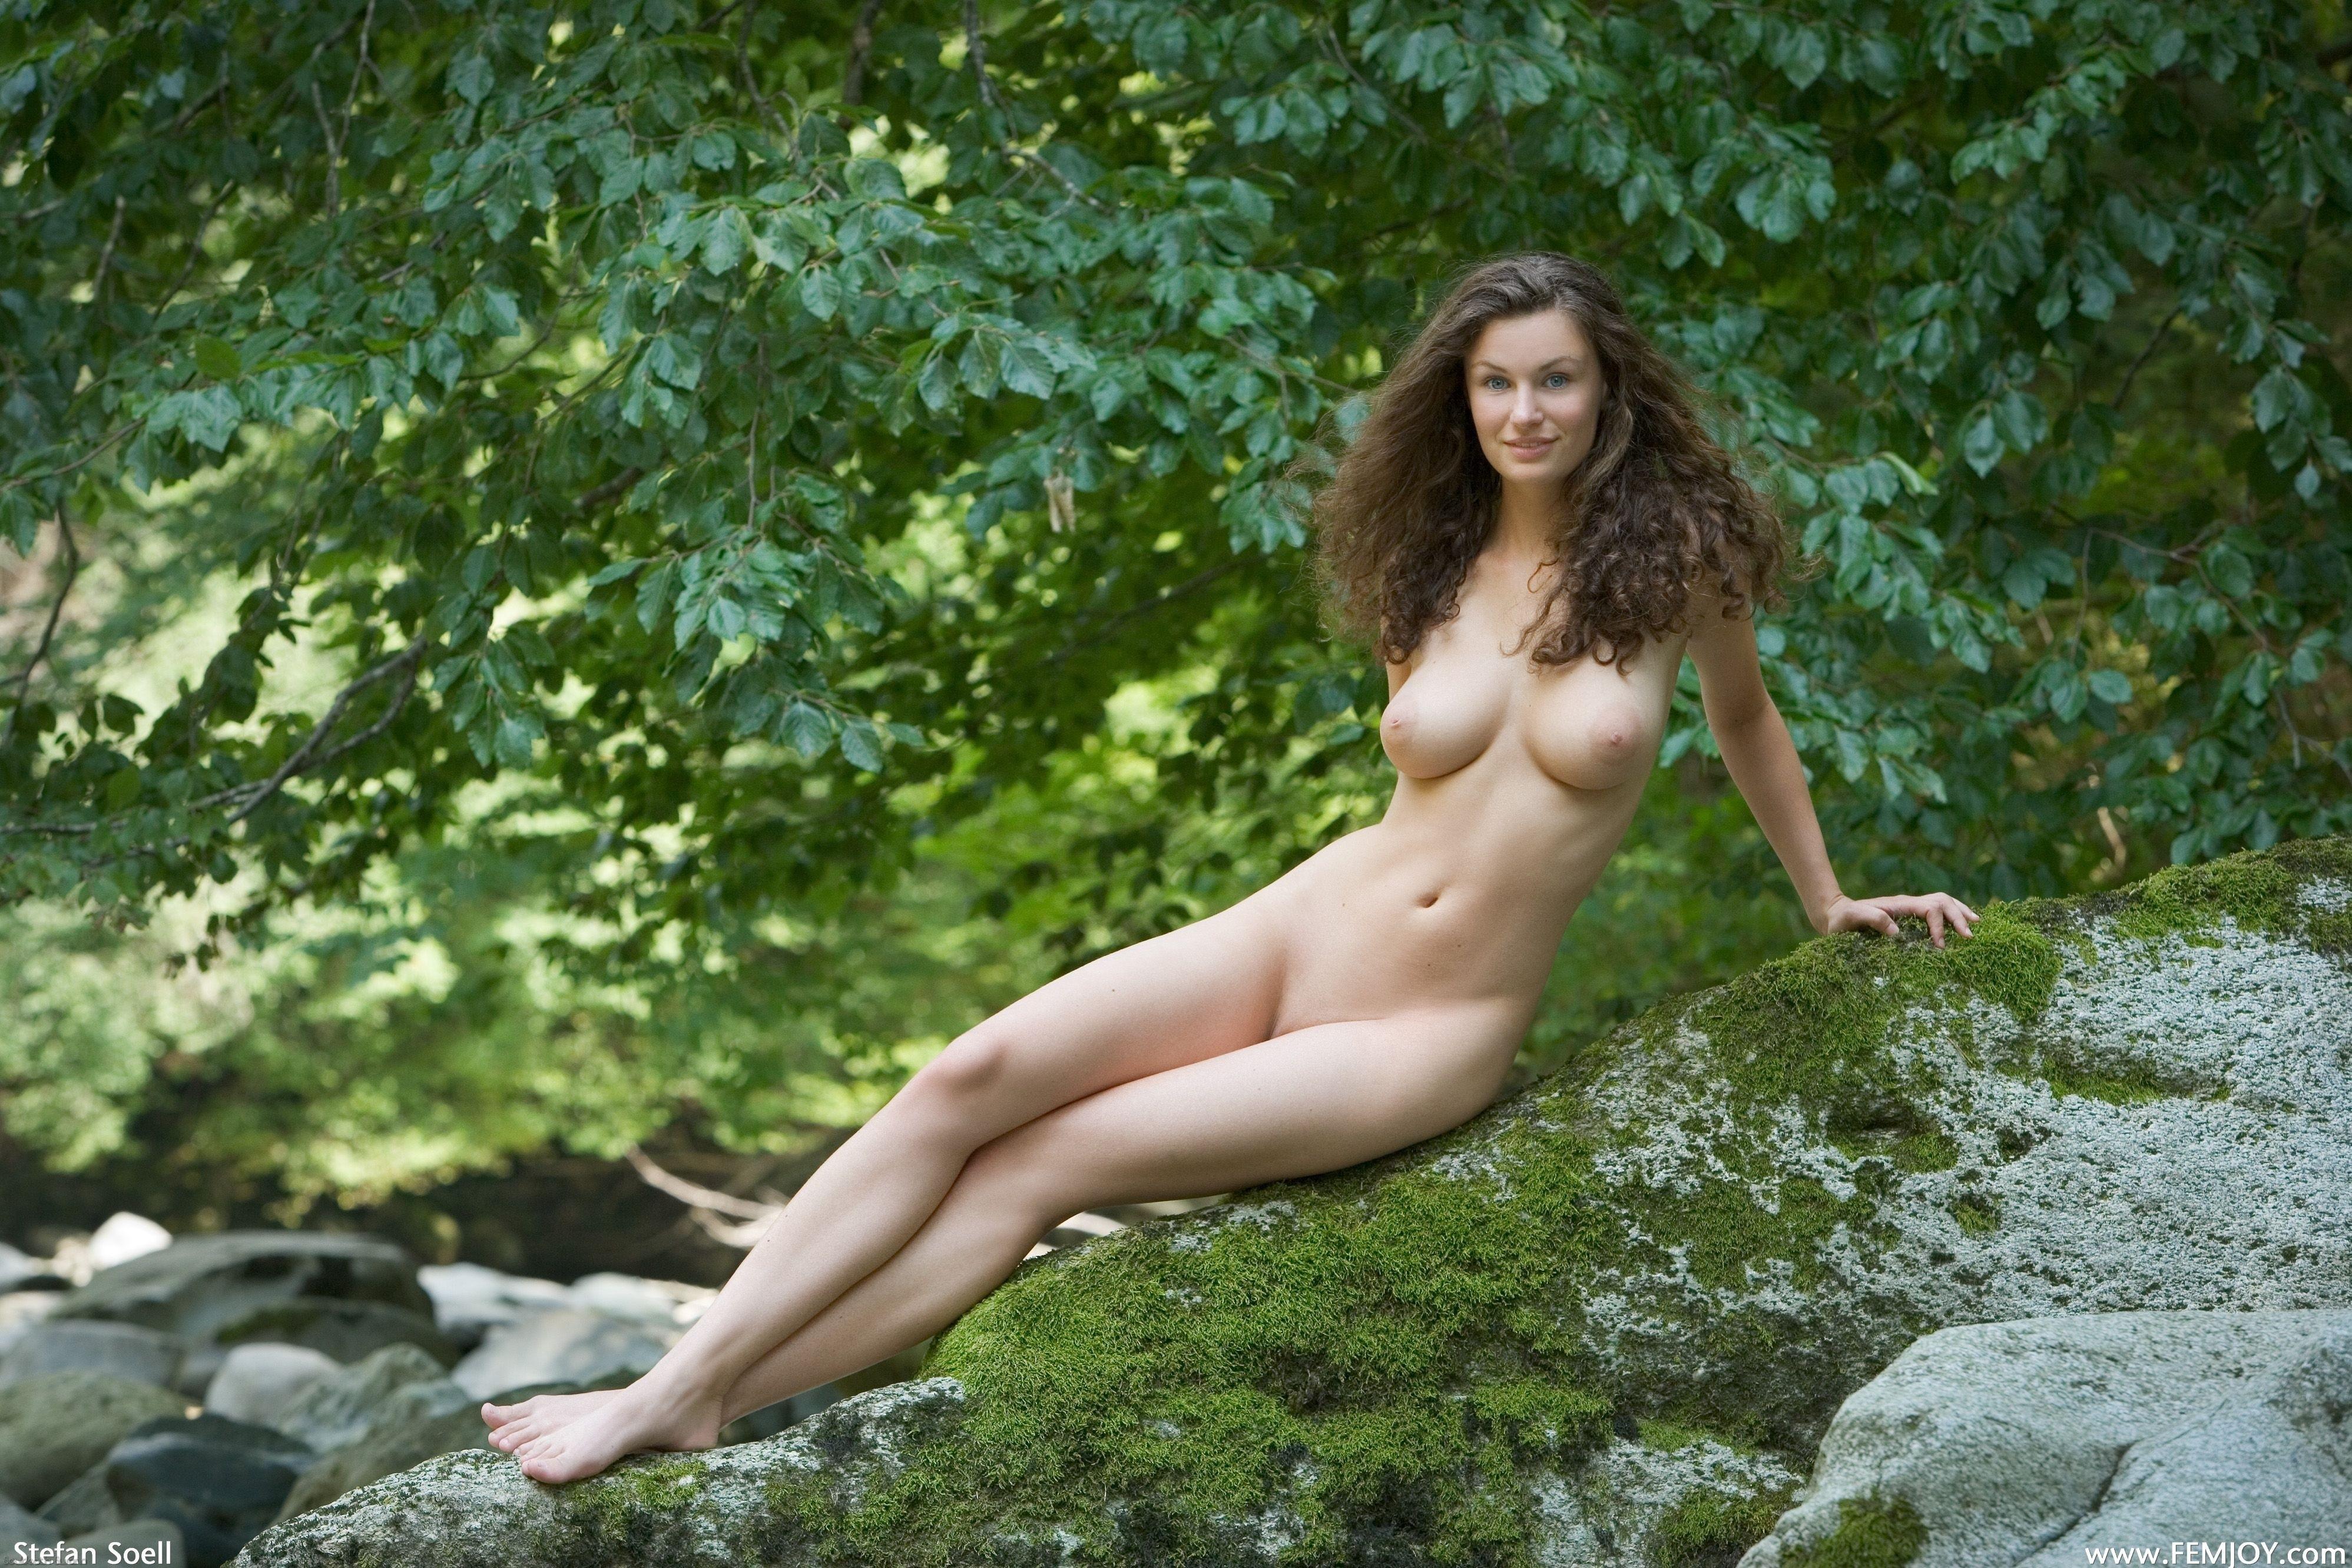 Интересно. мне эротические фотографии на природе плеч долой!